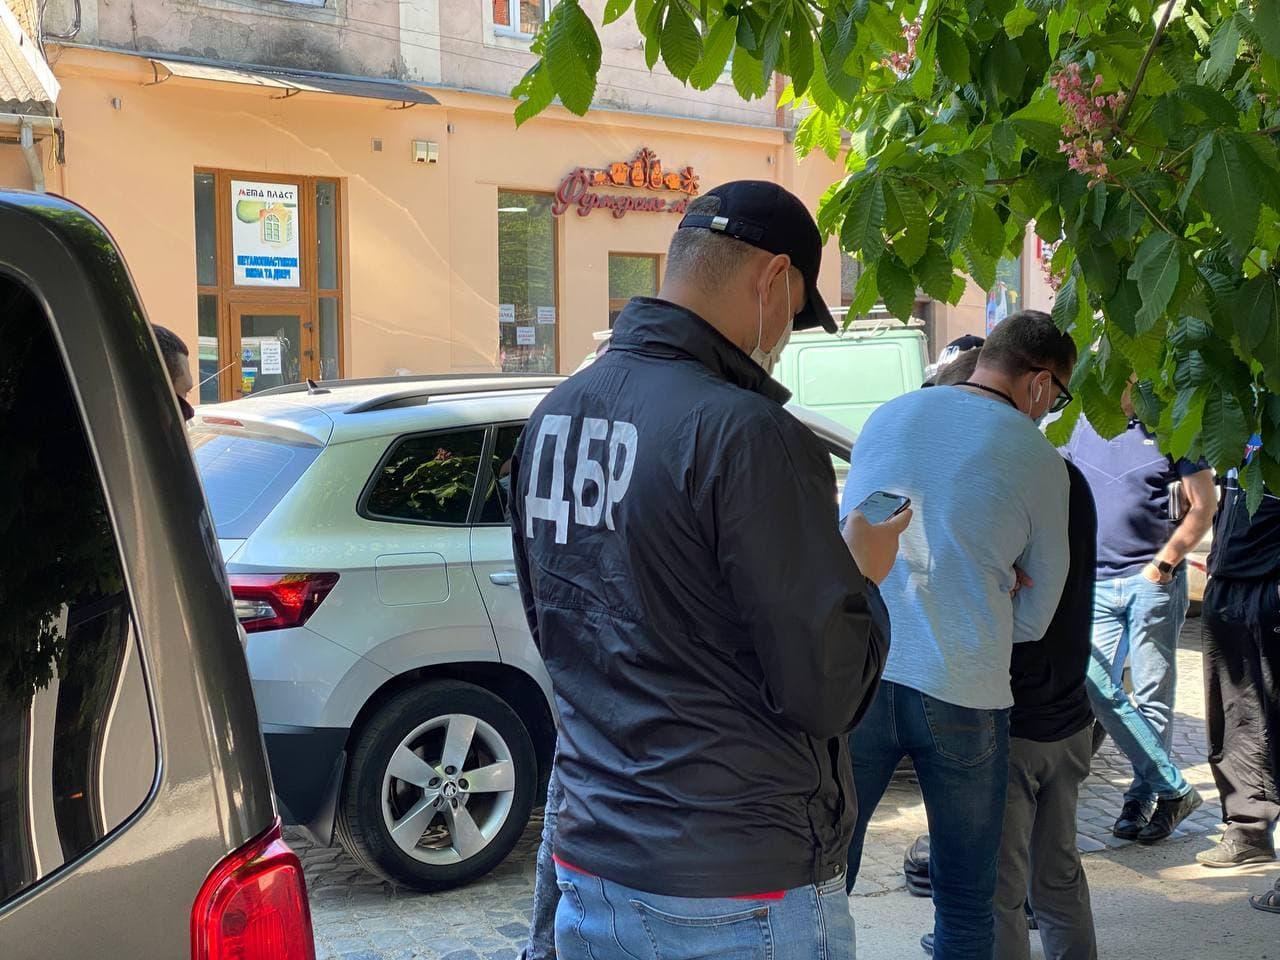 ДБР затримало двох працівників Державної податкової служби в Закарпатській області, які, діючи за попередньою змовою, вимагали у підприємця неправомірну вигоду за звільнення від сплати податків.